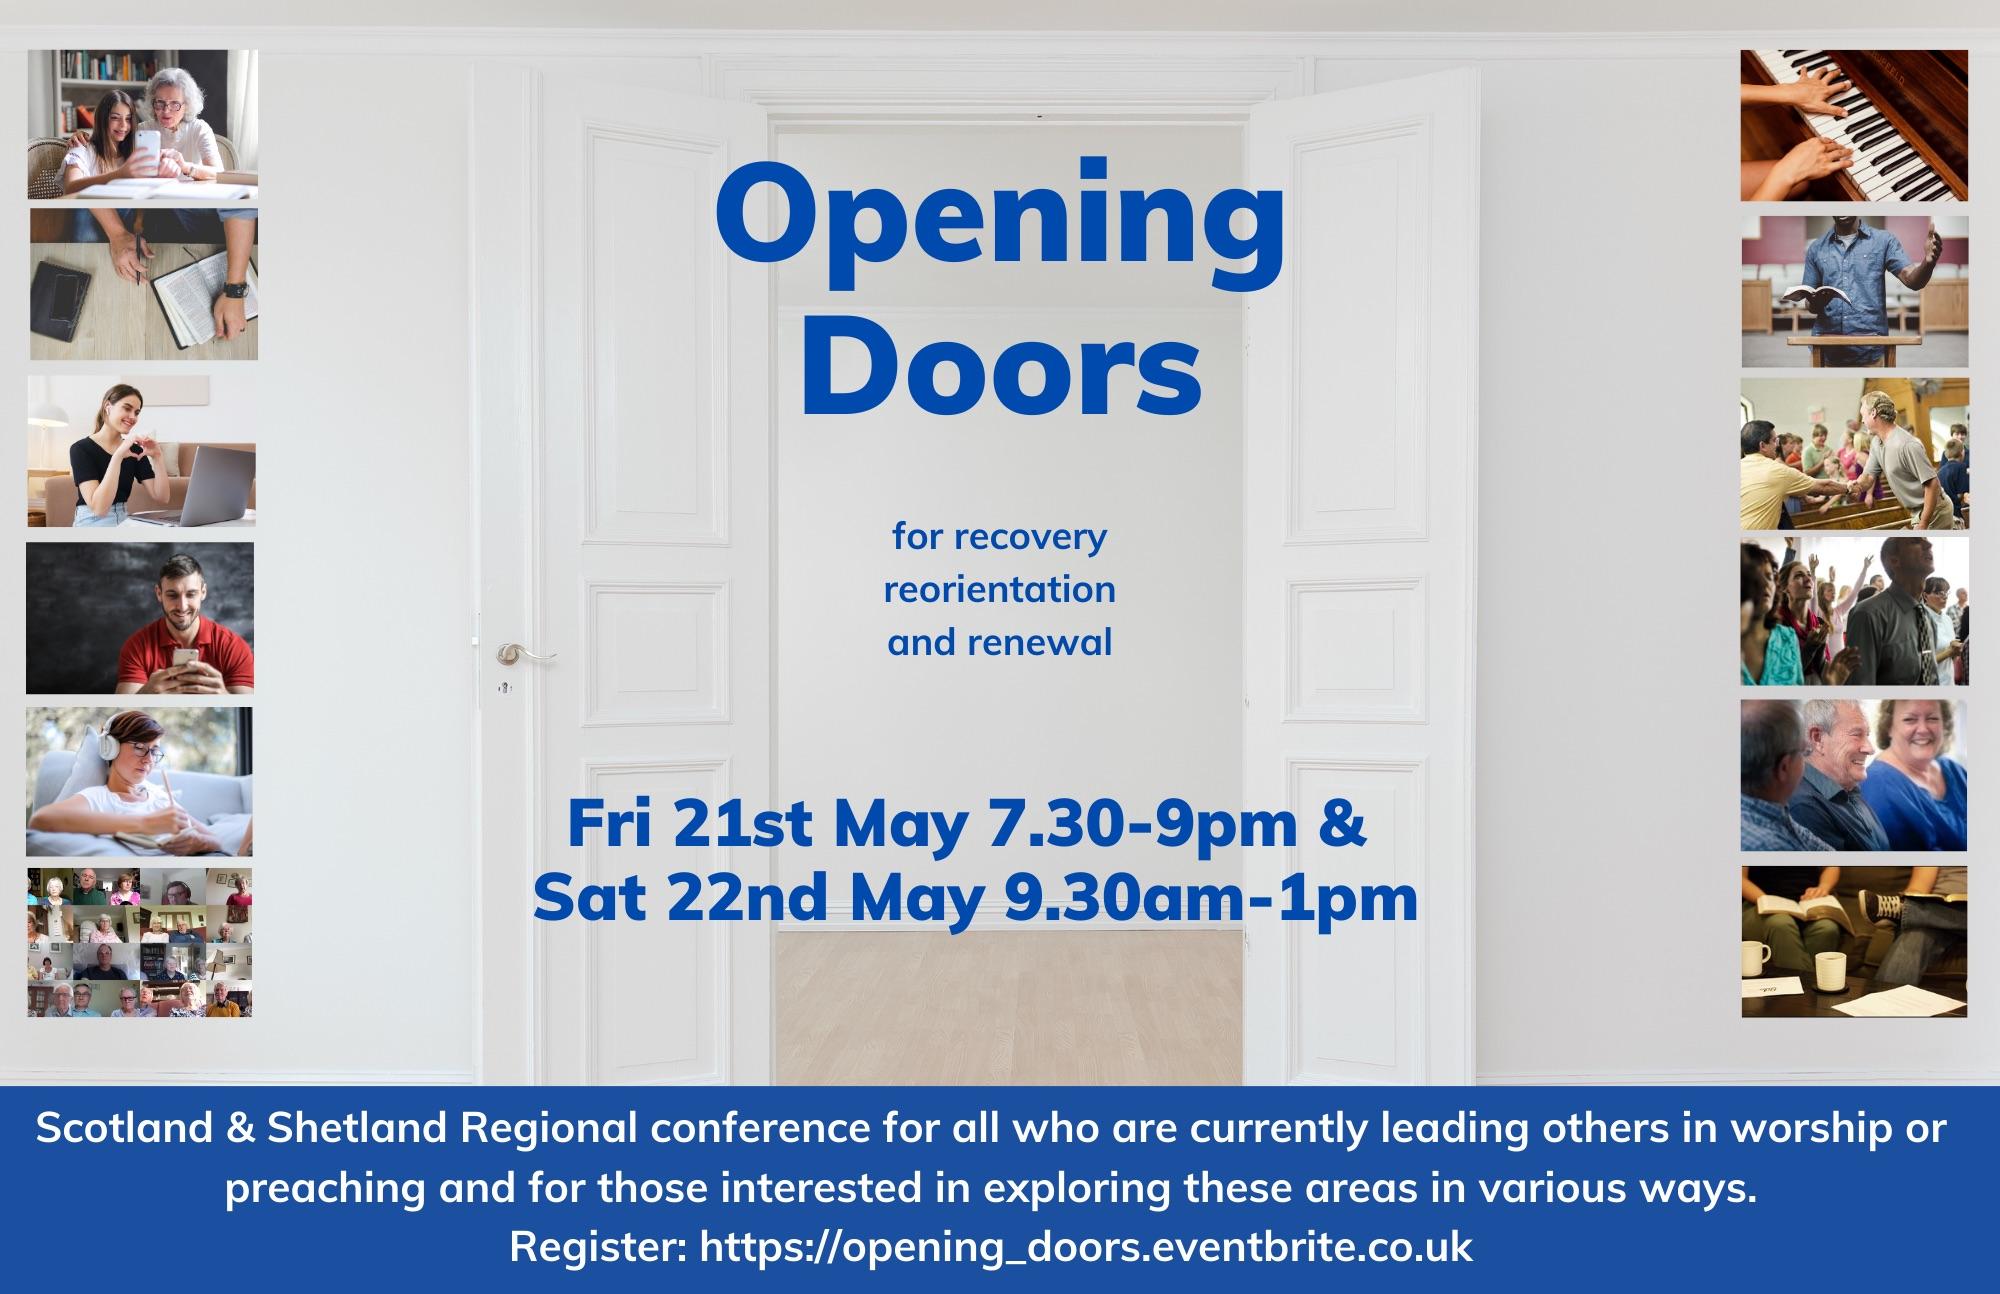 Opening Doors event